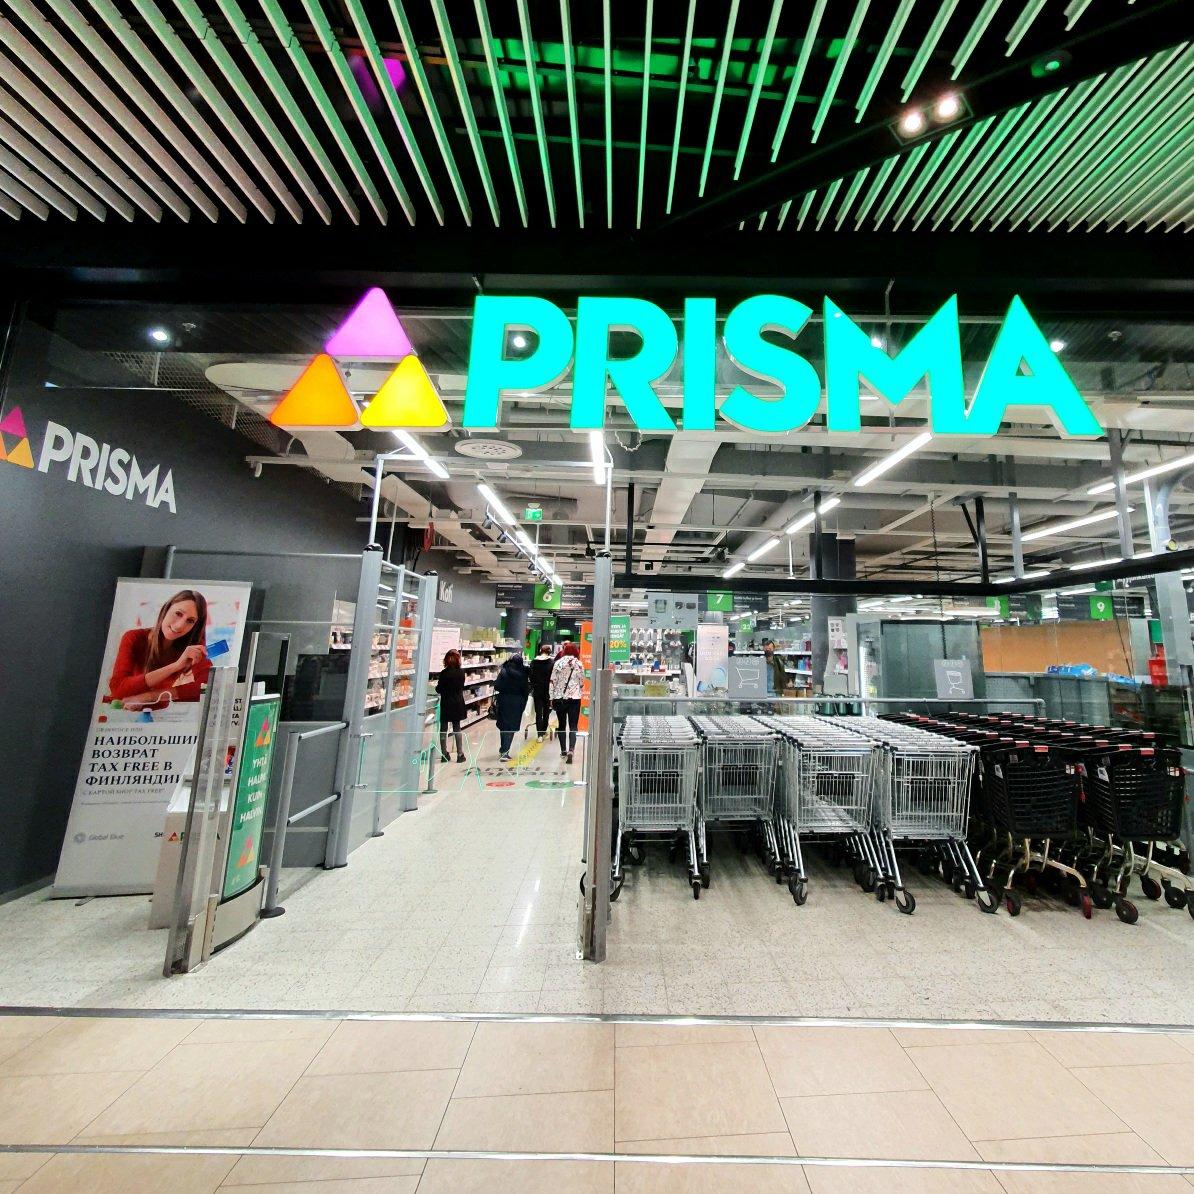 Prisma Tripla